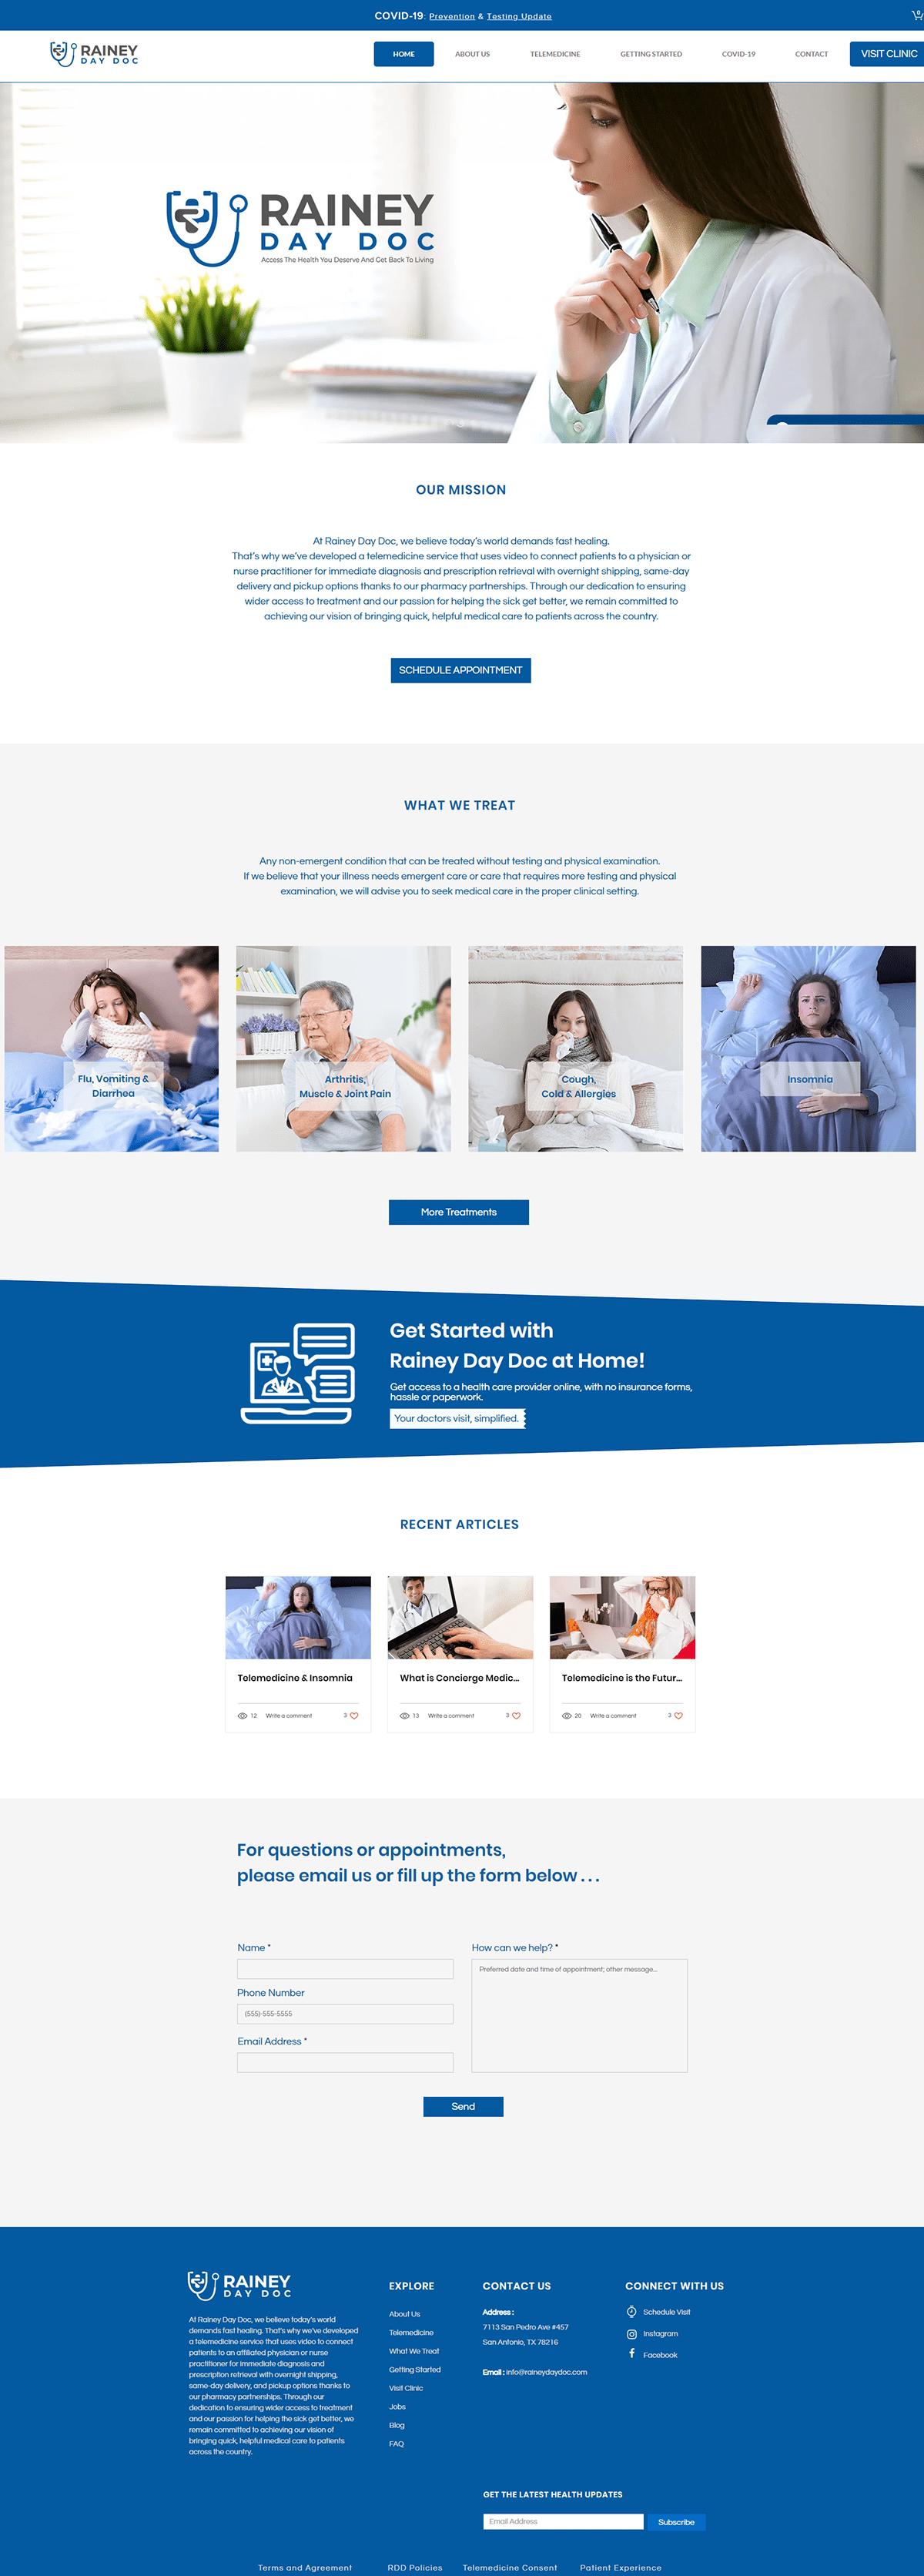 Doctors/Medical/Telemedicine Services Website